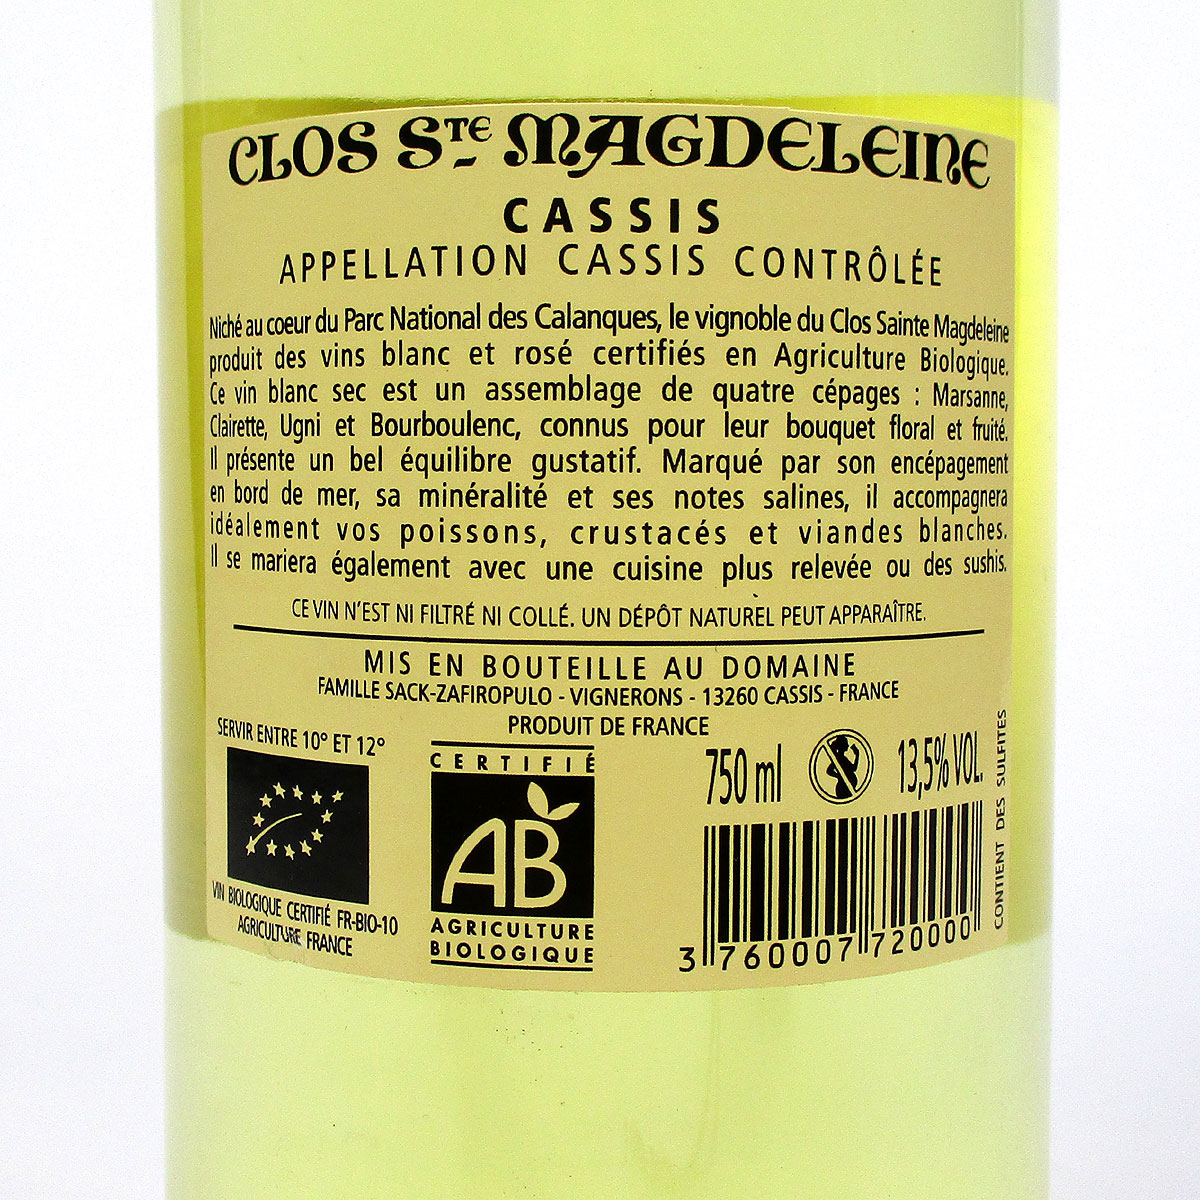 Cassis: Clos Sainte Magdeleine Blanc 2019 - Bottle Rear Label